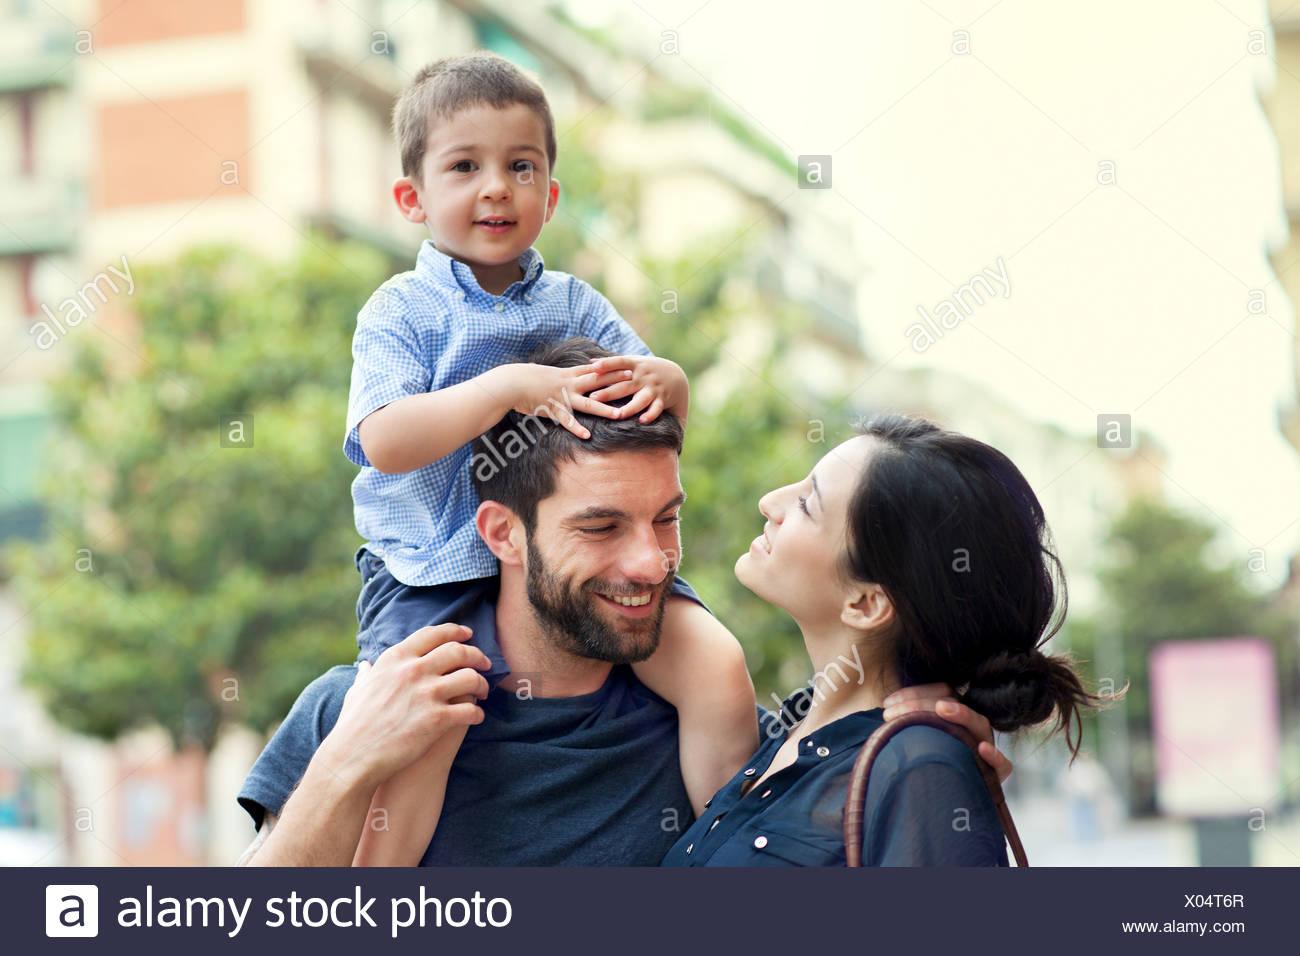 Père exerçant son fils sur les épaules avec femme Photo Stock